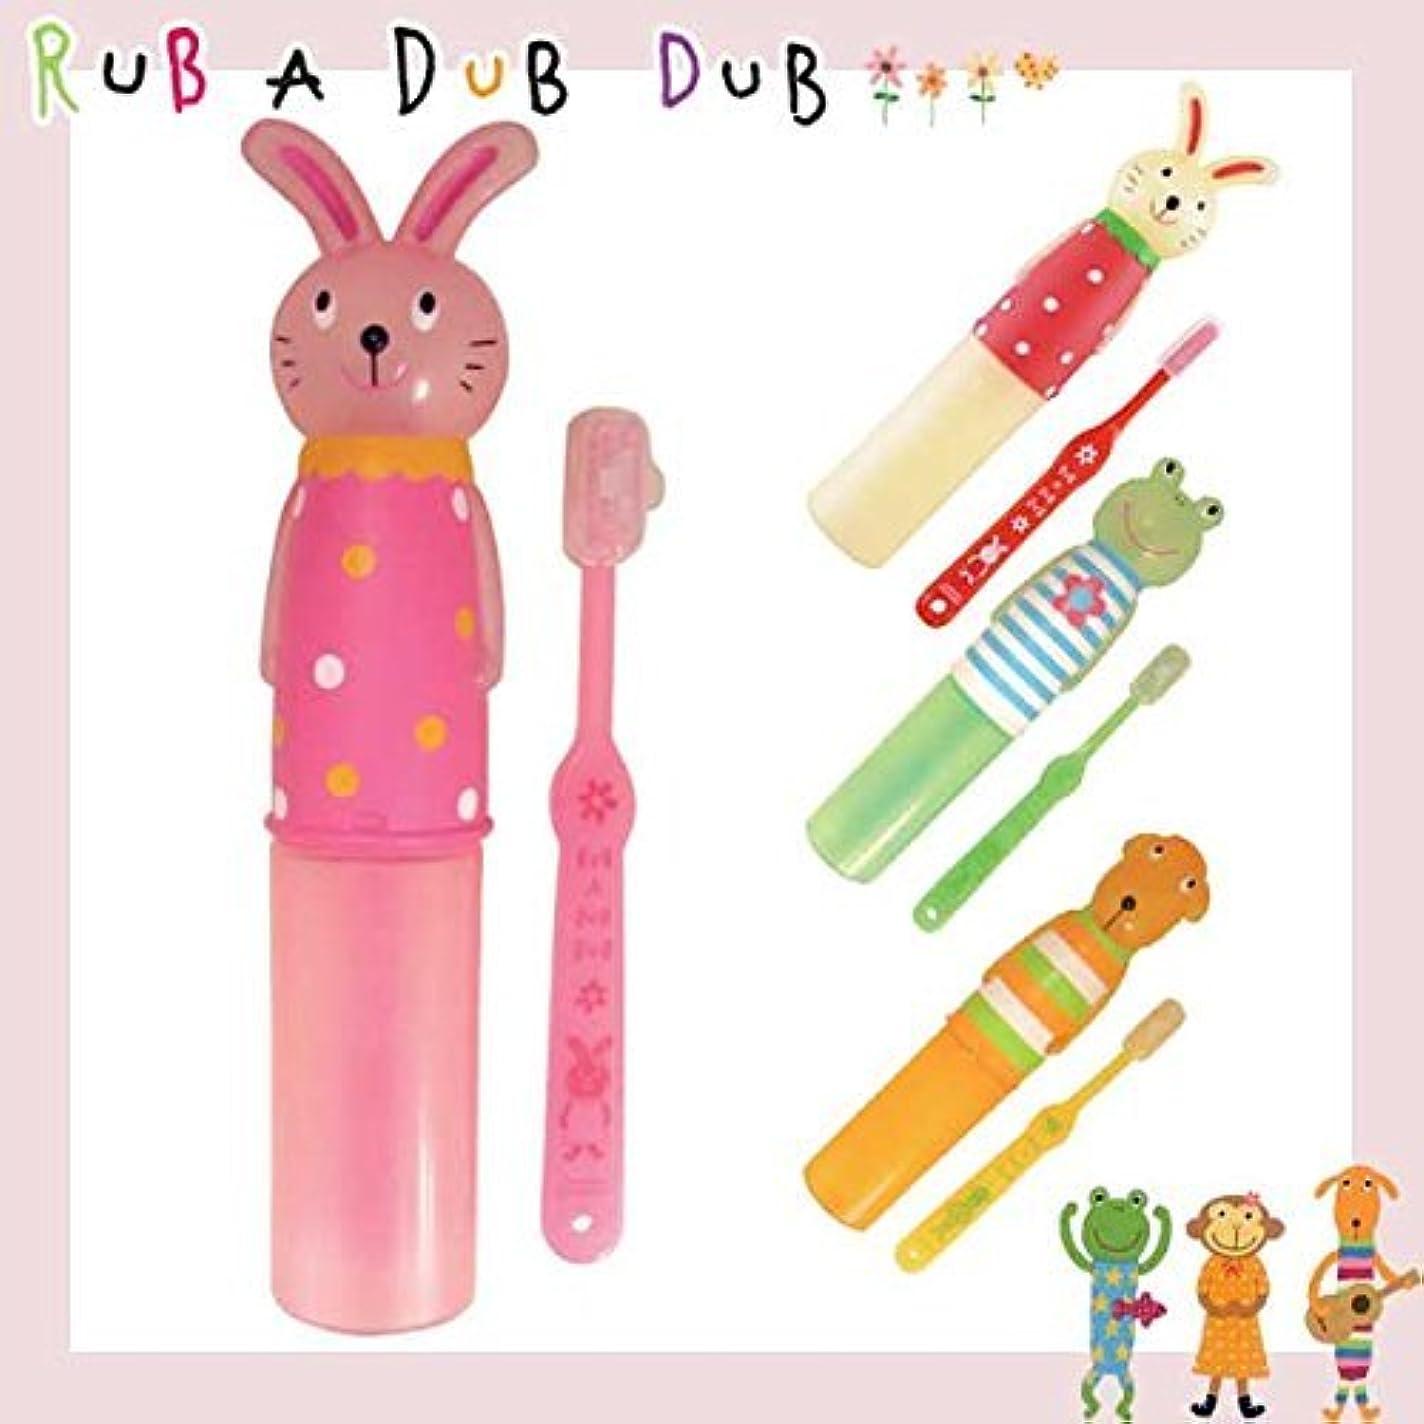 明確な充電暗黙510065/RUB A DUB DUB/R.ハブラシセット(ウサギ)/モンスイユ/ラブアダブダブ/キッズ/ベビー/アニマル/洗面所/歯磨き/ギフト/プレゼント